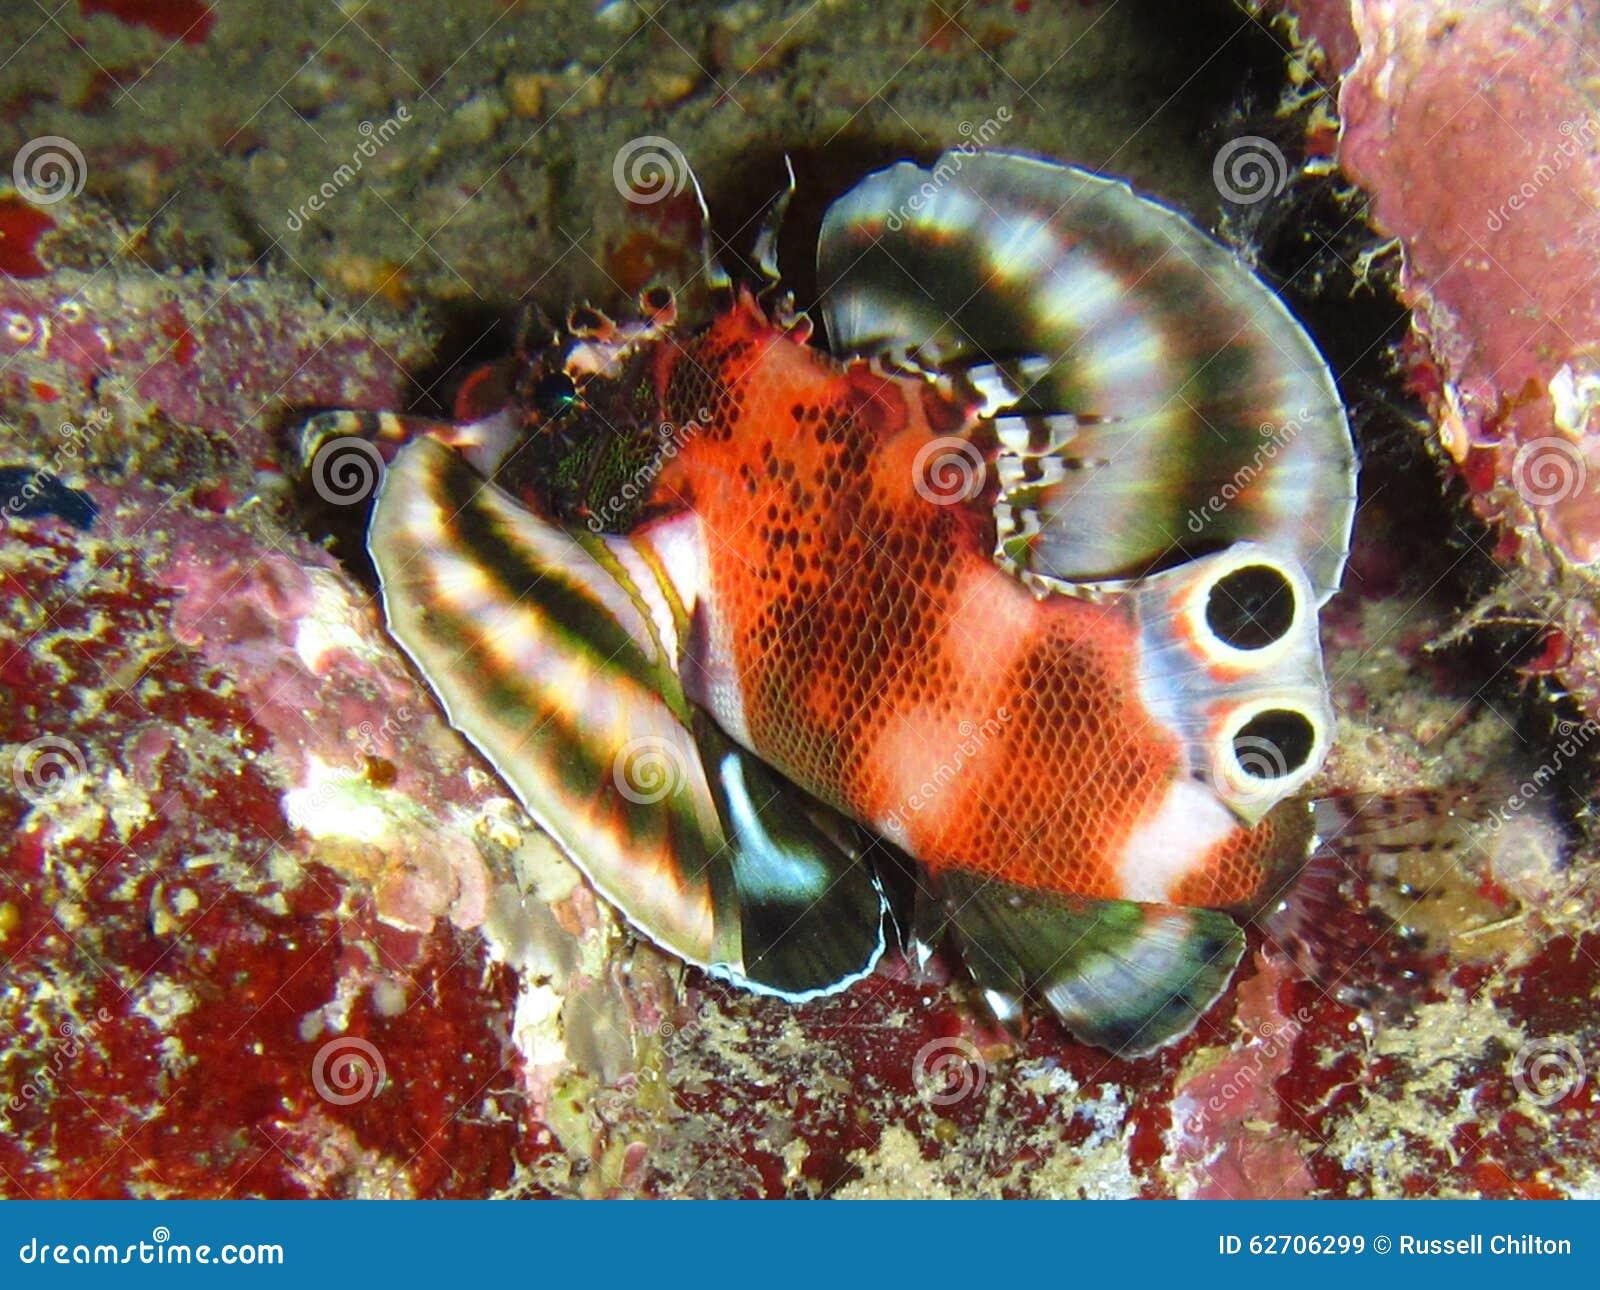 Δίδυμο σημείο Lionfish